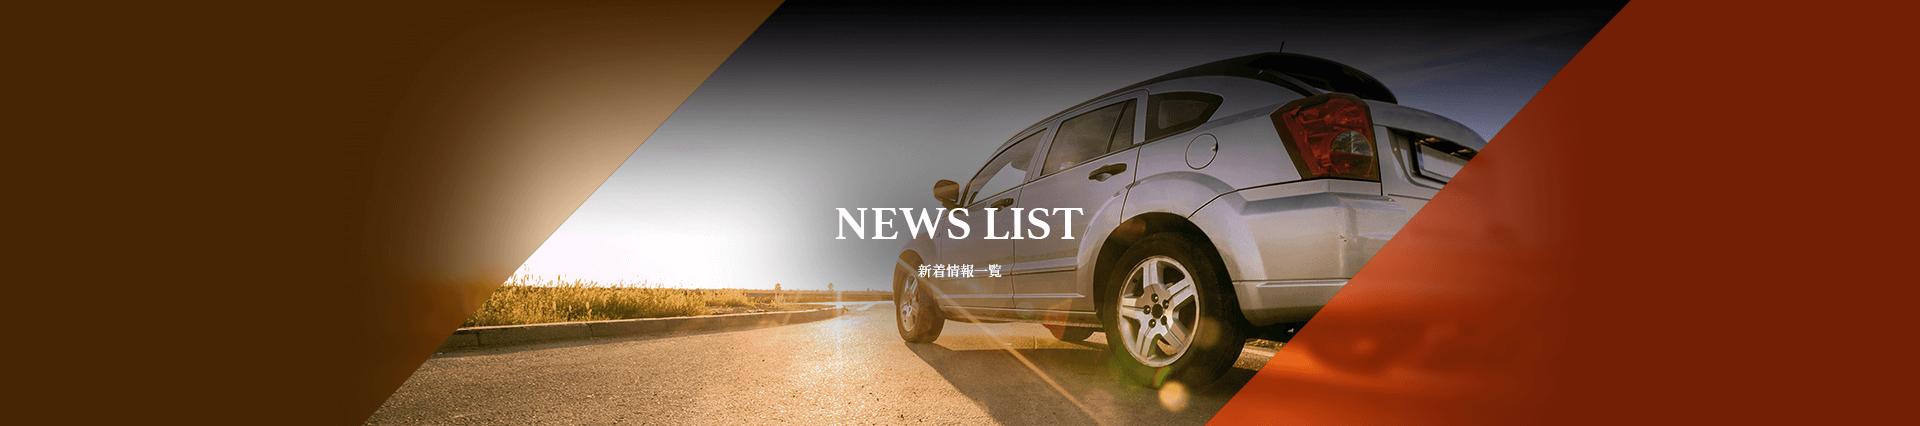 お知らせ|【ロードナイン】旧車・車検・板金塗装専門店